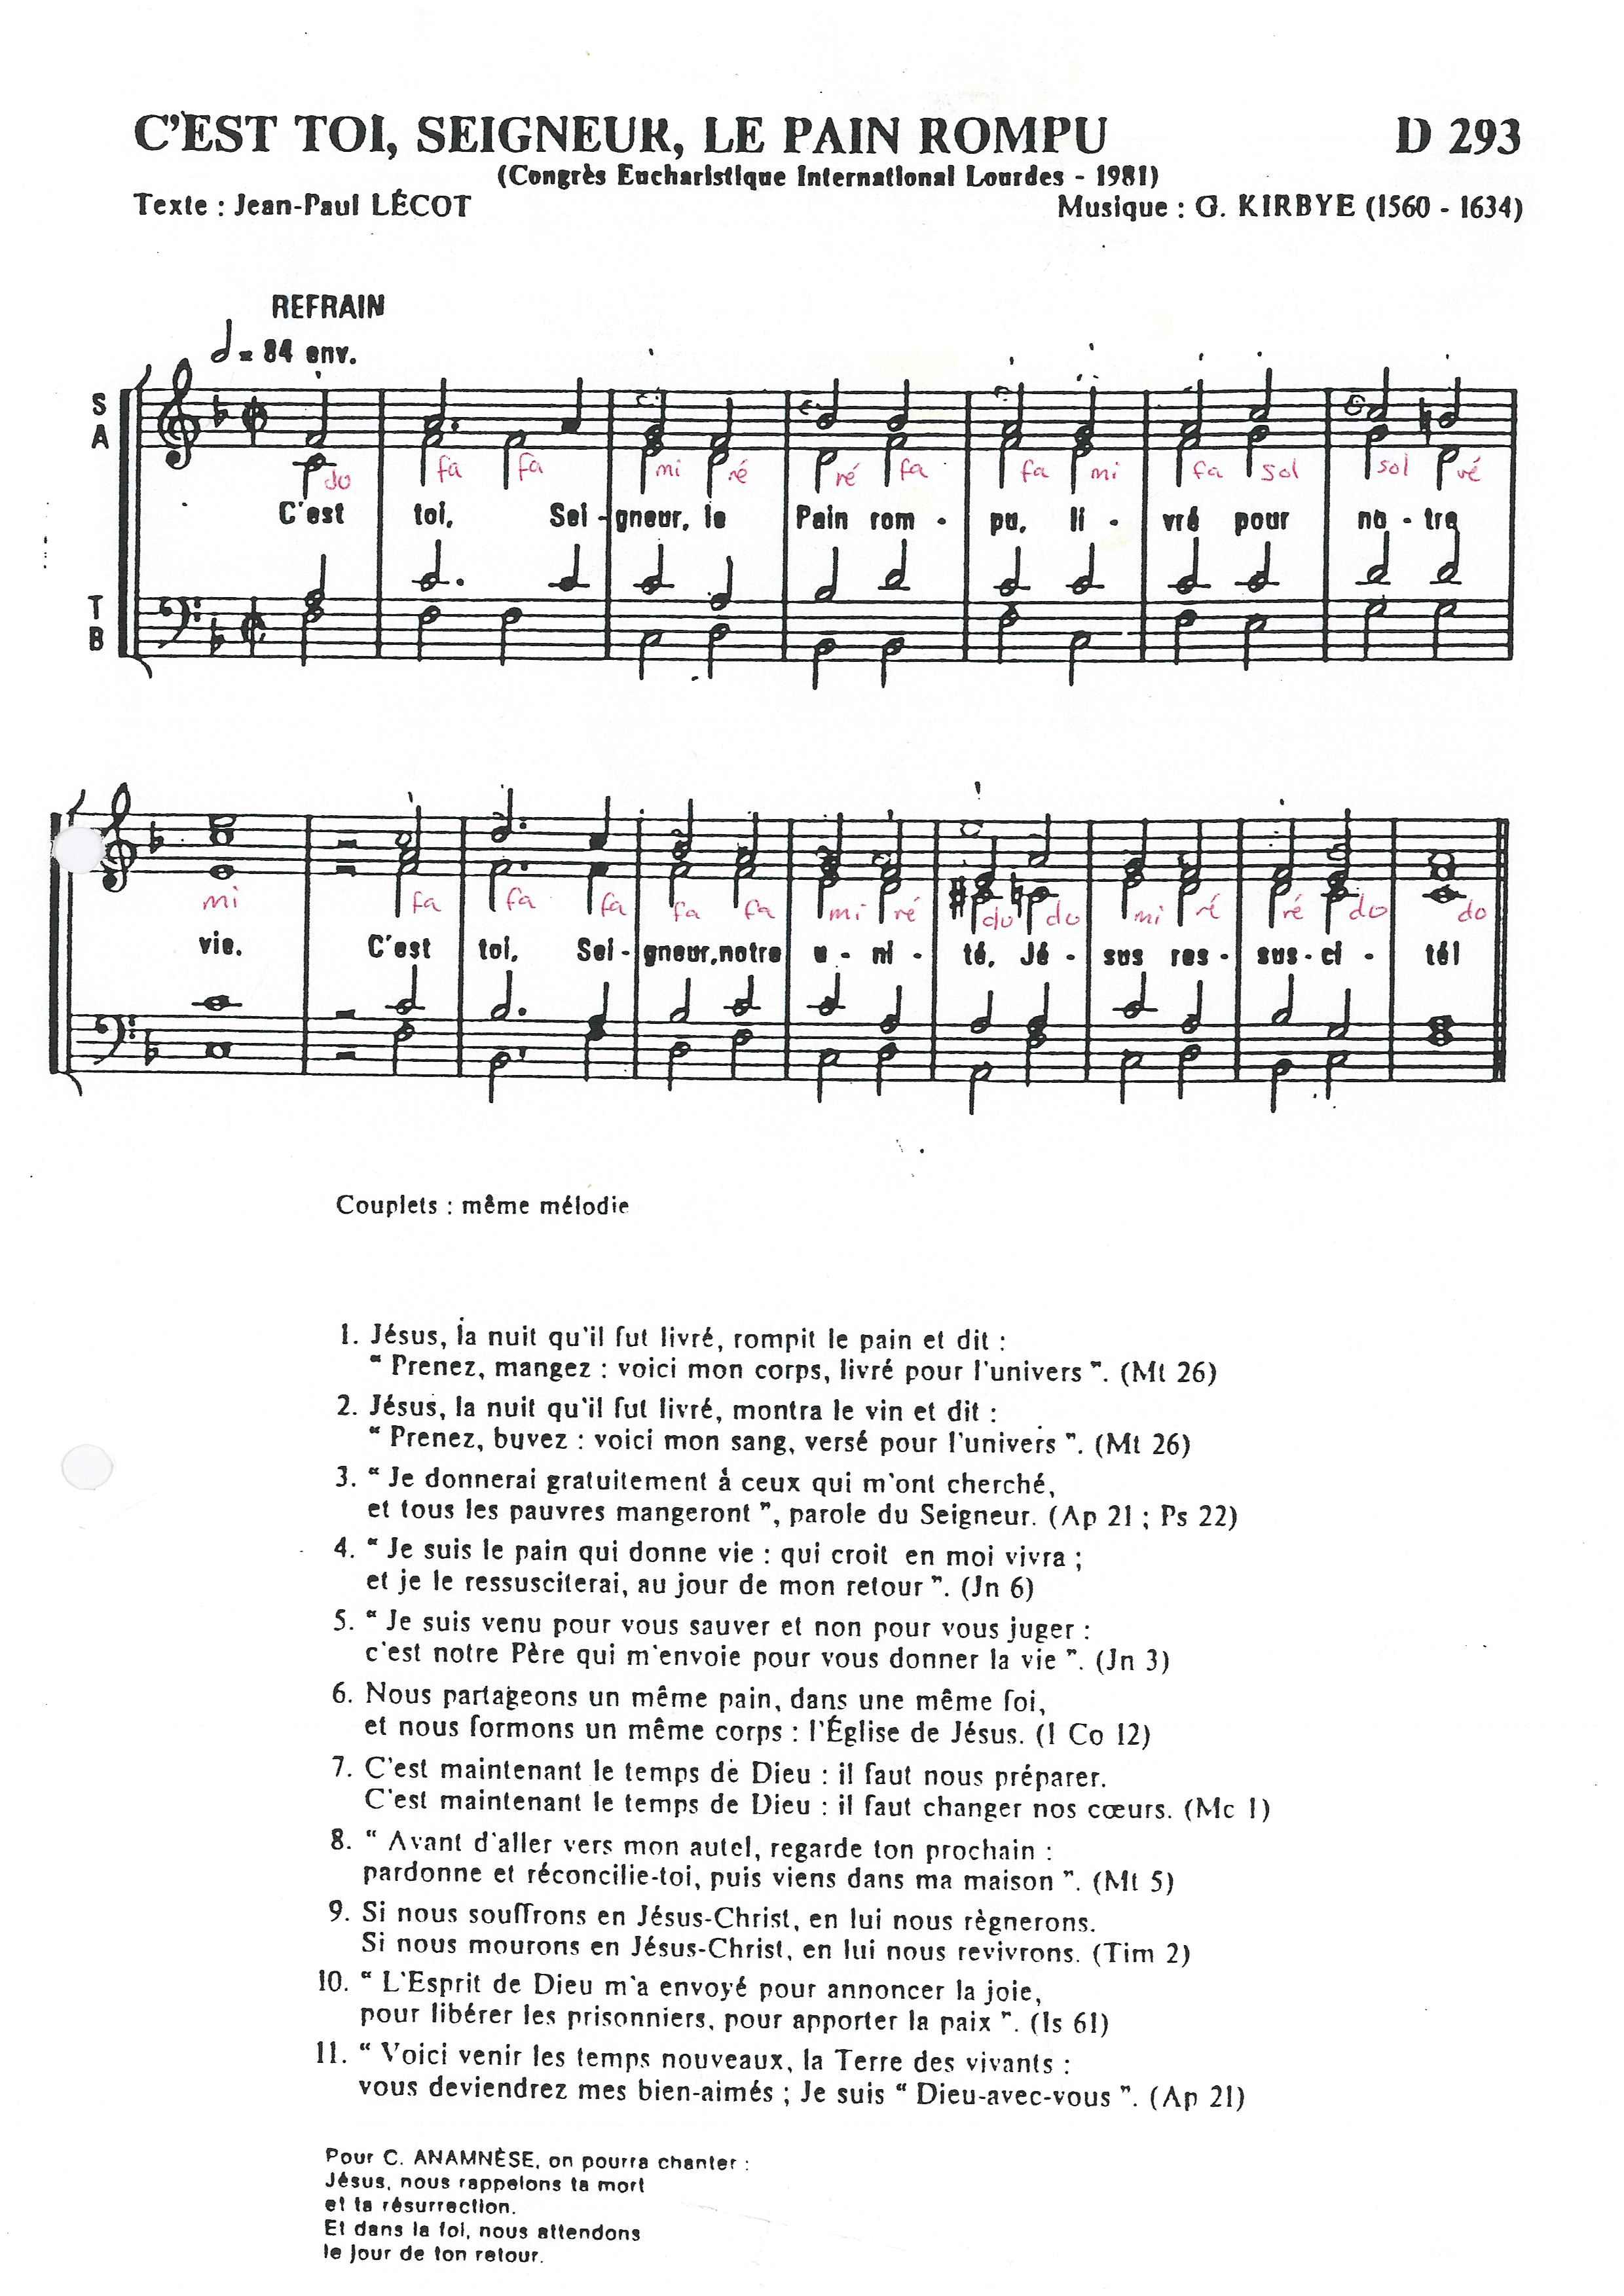 Partition chant a la rencontre du seigneur